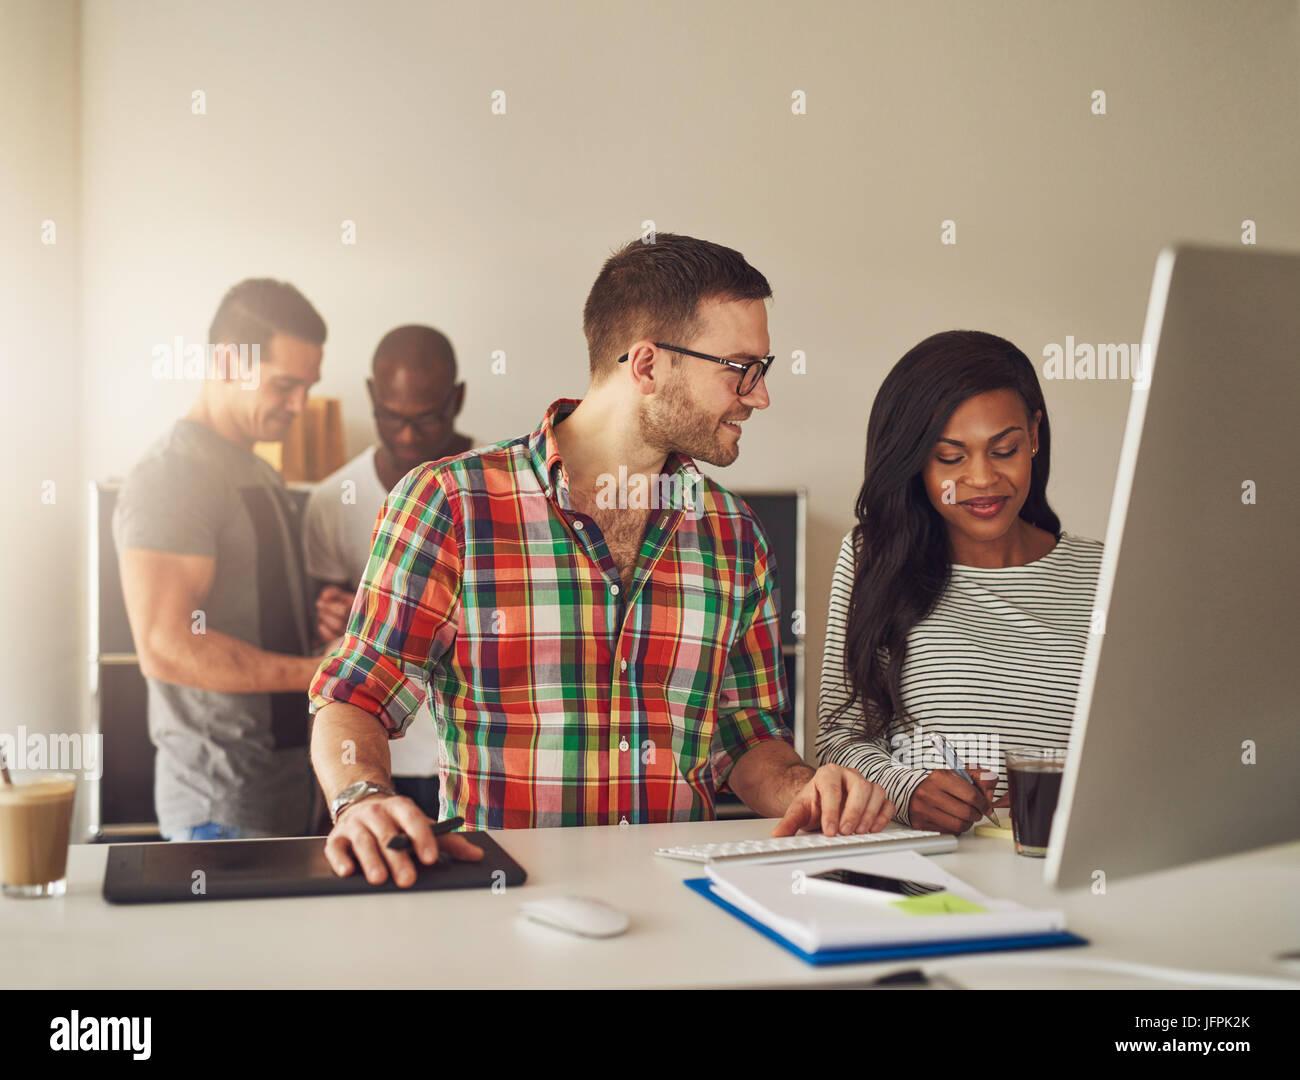 Il team di office al computer a scrivere le note durante la riunione. Immagini Stock